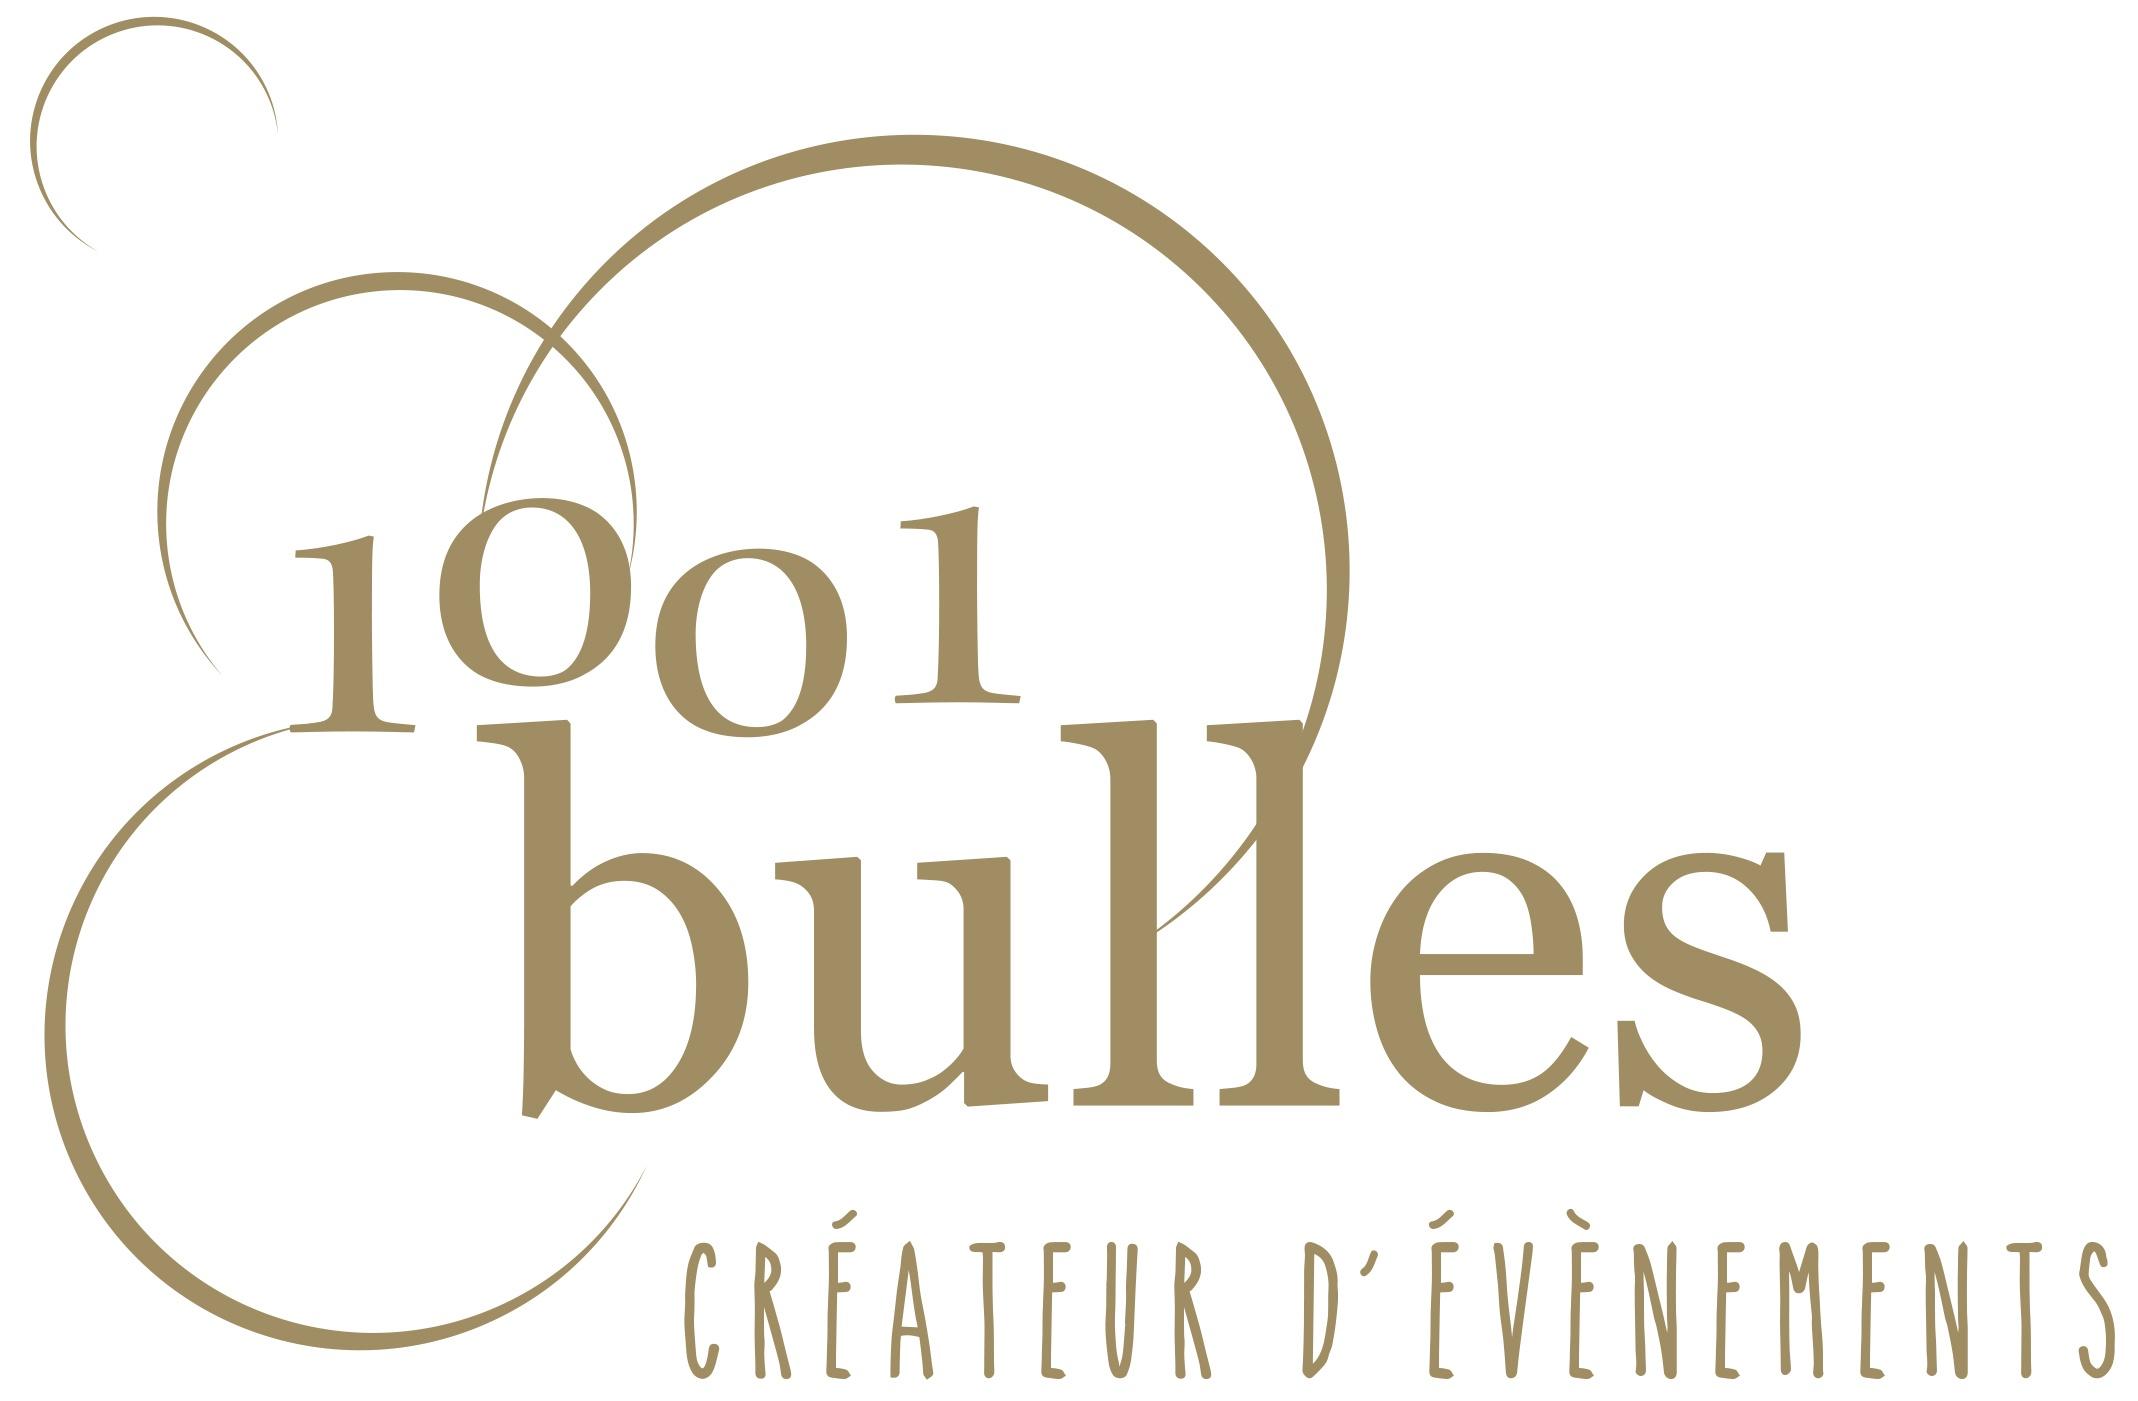 1001 bulles